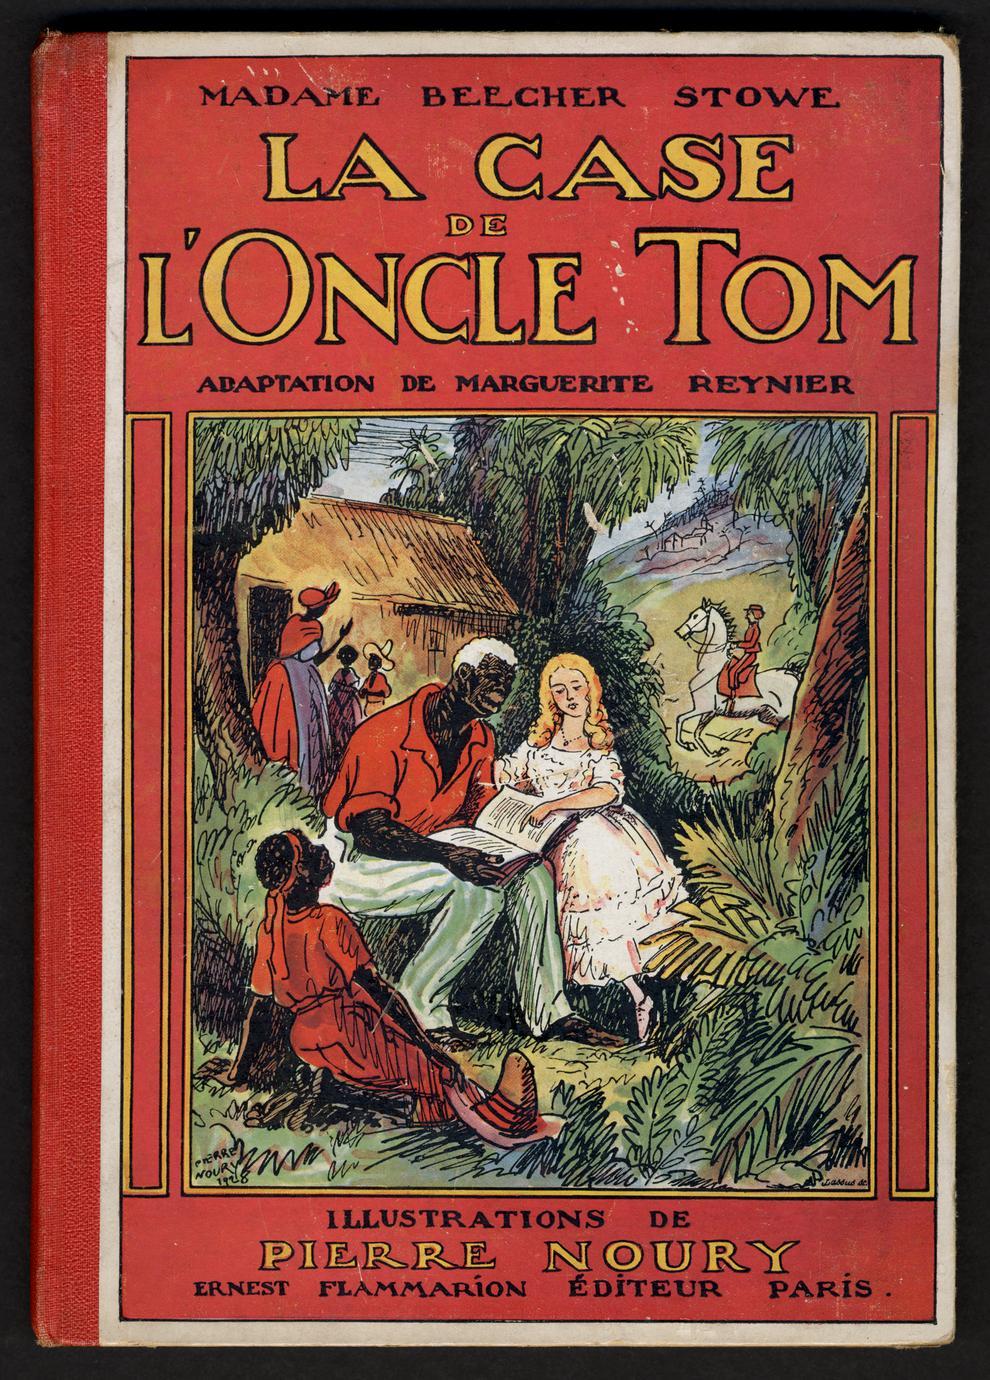 La case de l'oncle Tom (1 of 2)